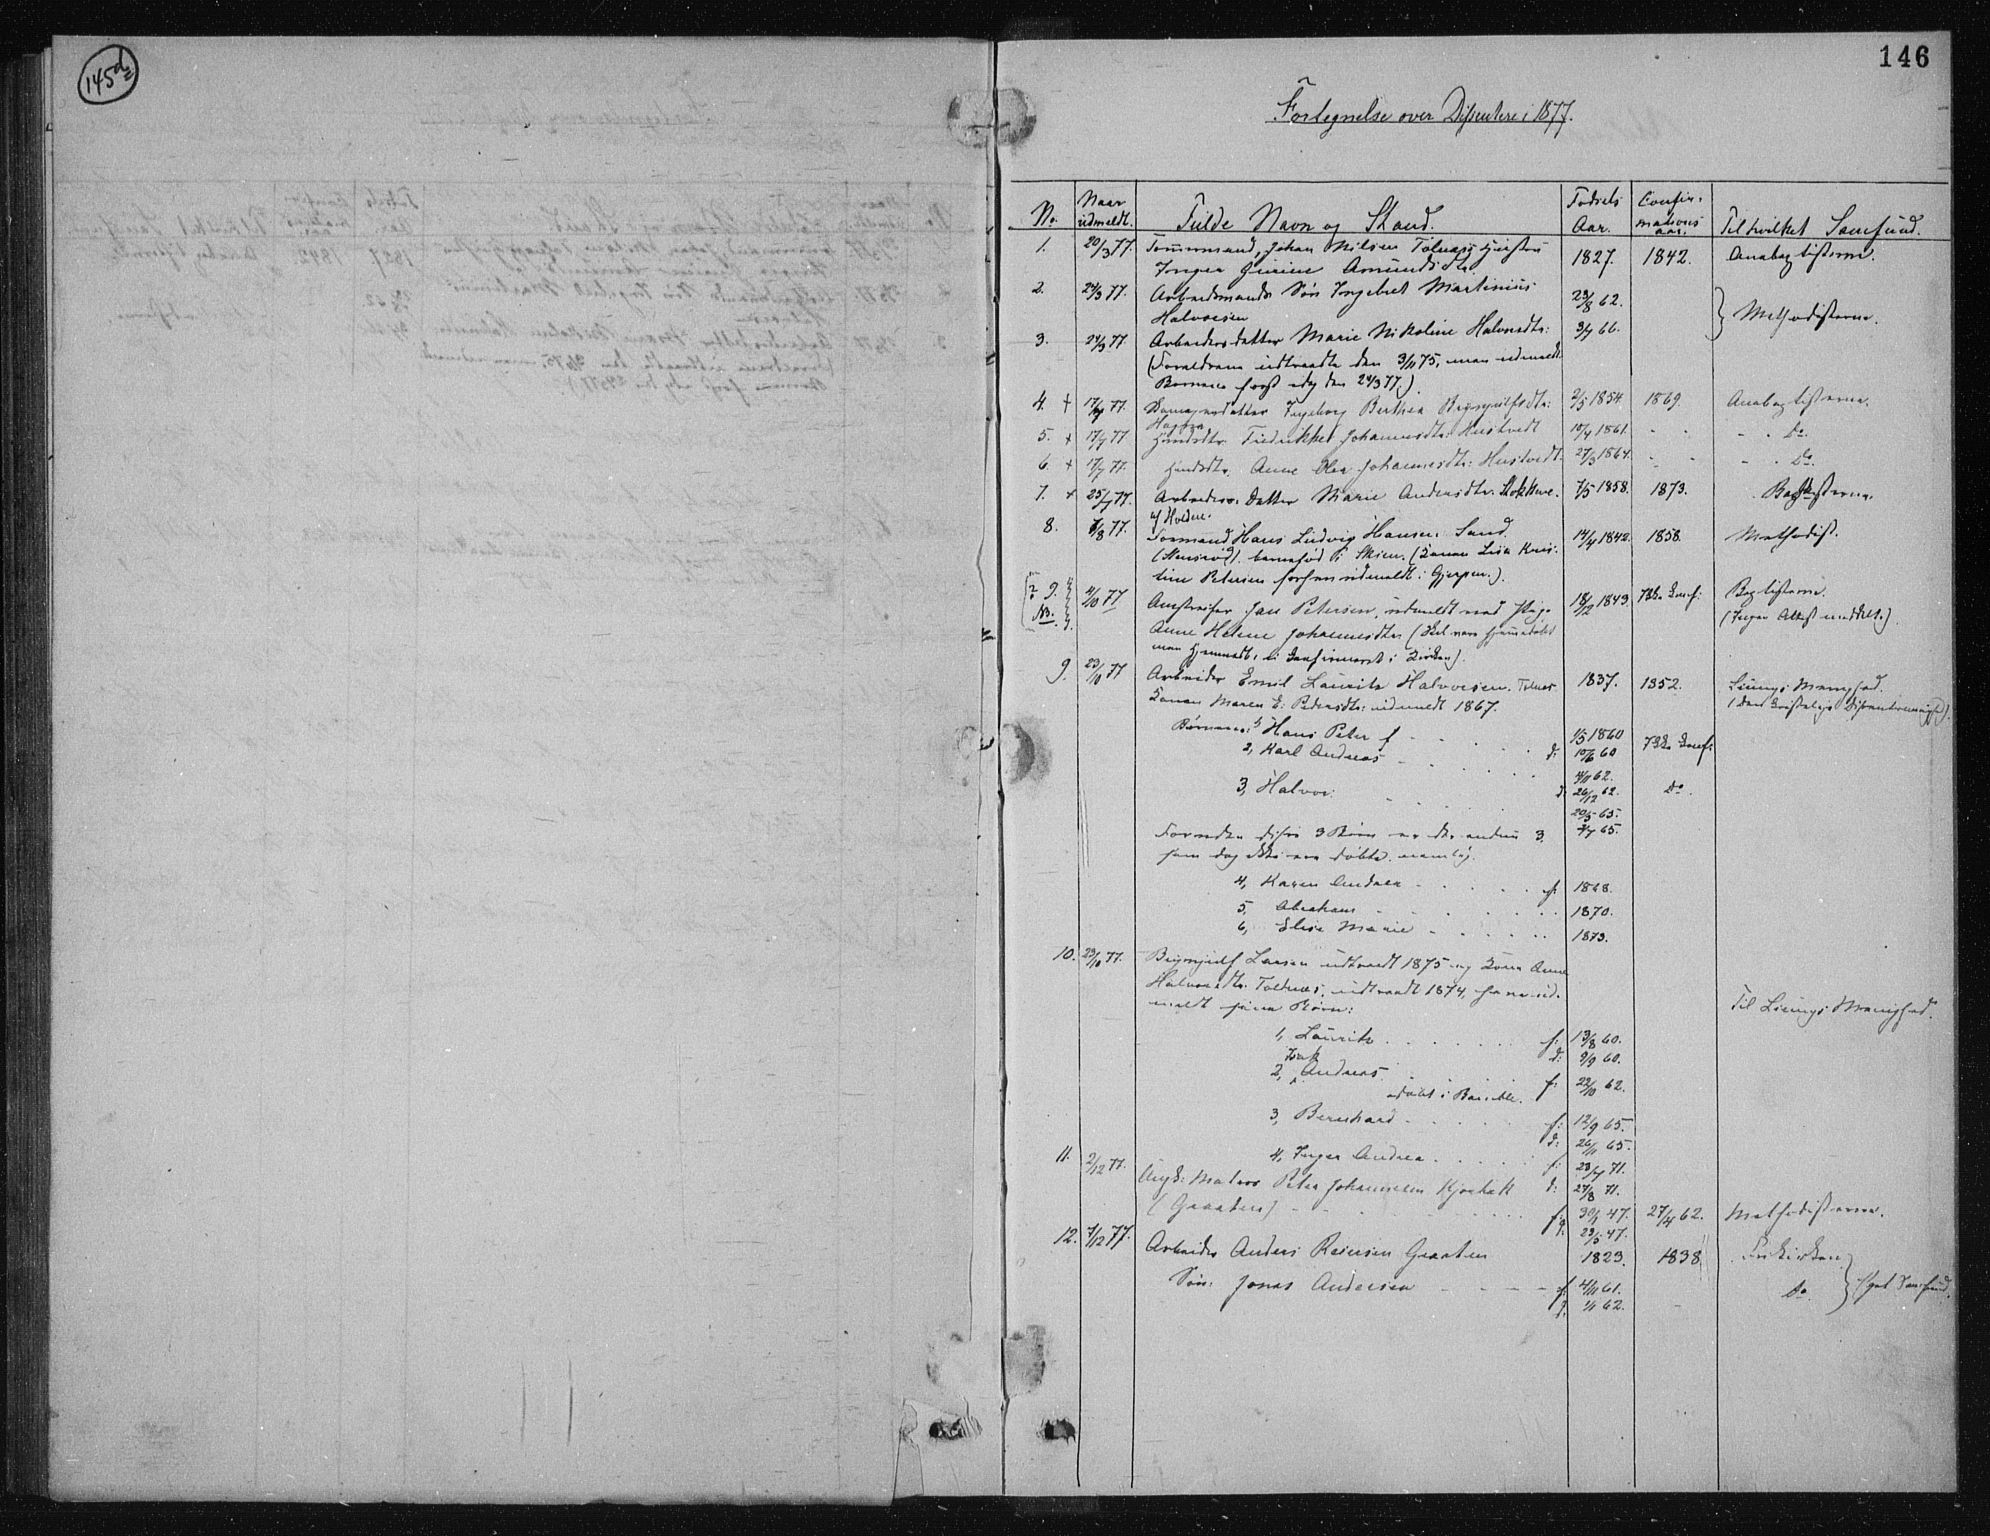 SAKO, Solum kirkebøker, G/Ga/L0005: Klokkerbok nr. I 5, 1877-1881, s. 146